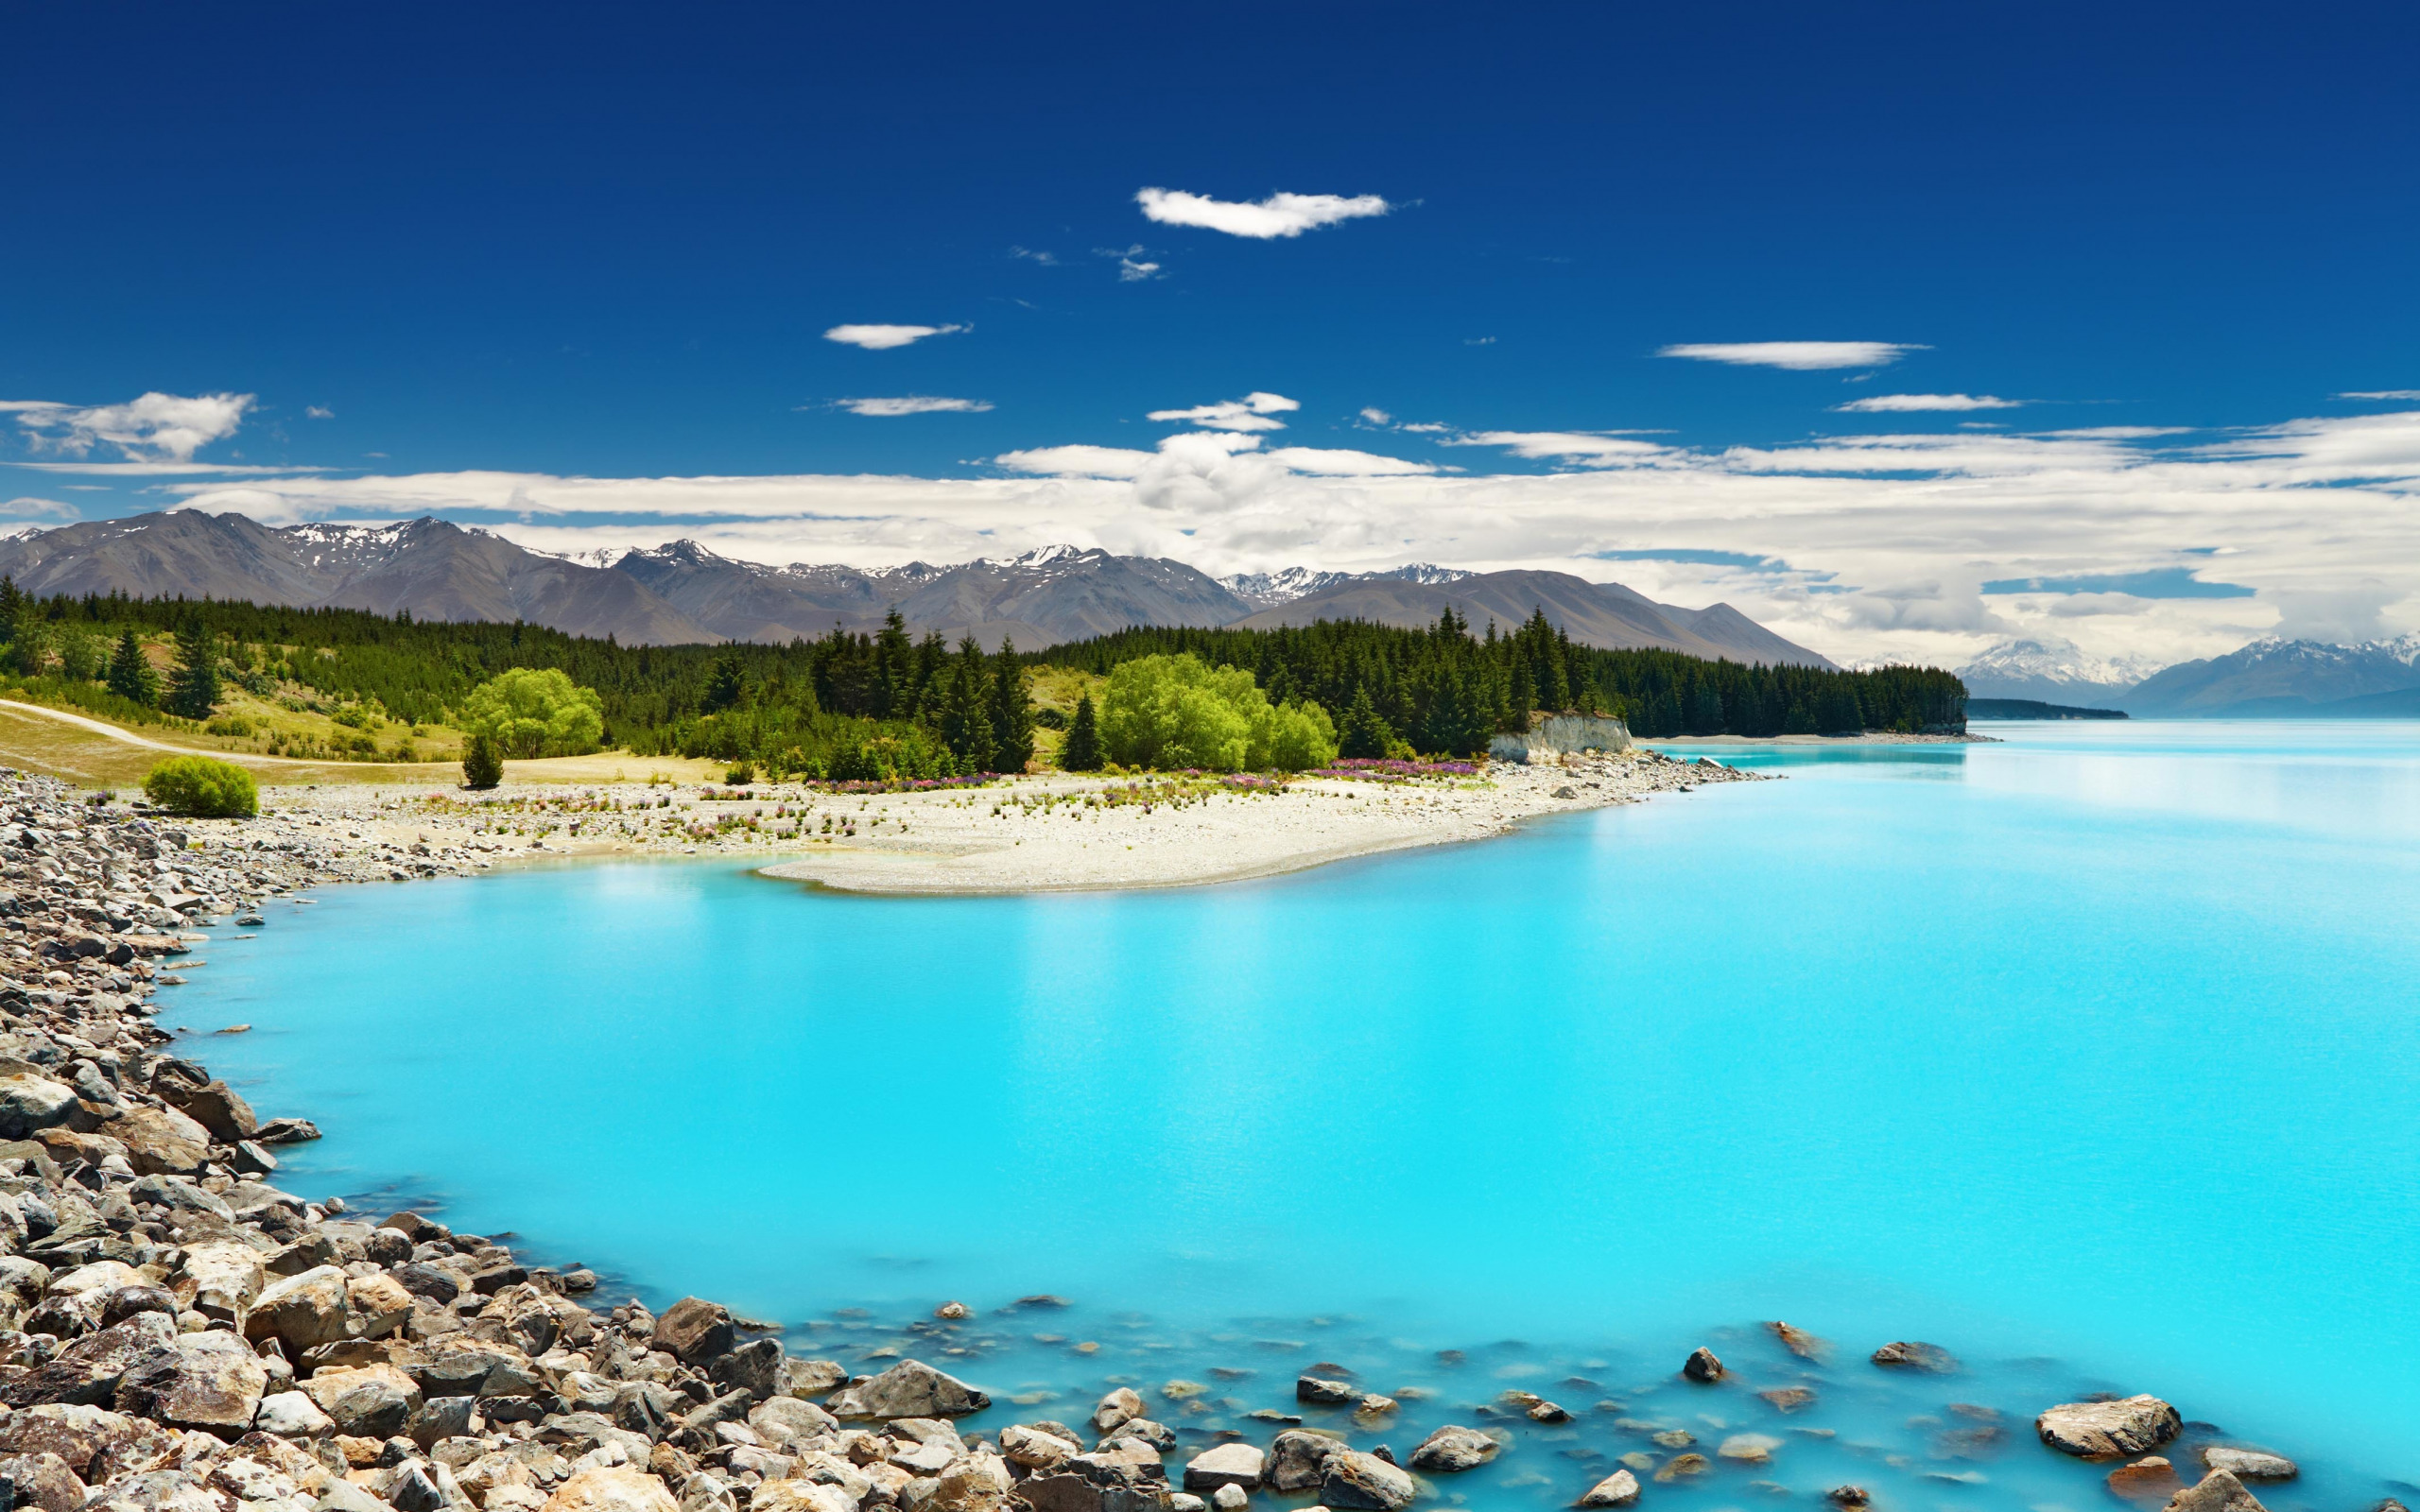 новая зеландия картинки в хорошем качестве картины отличаются